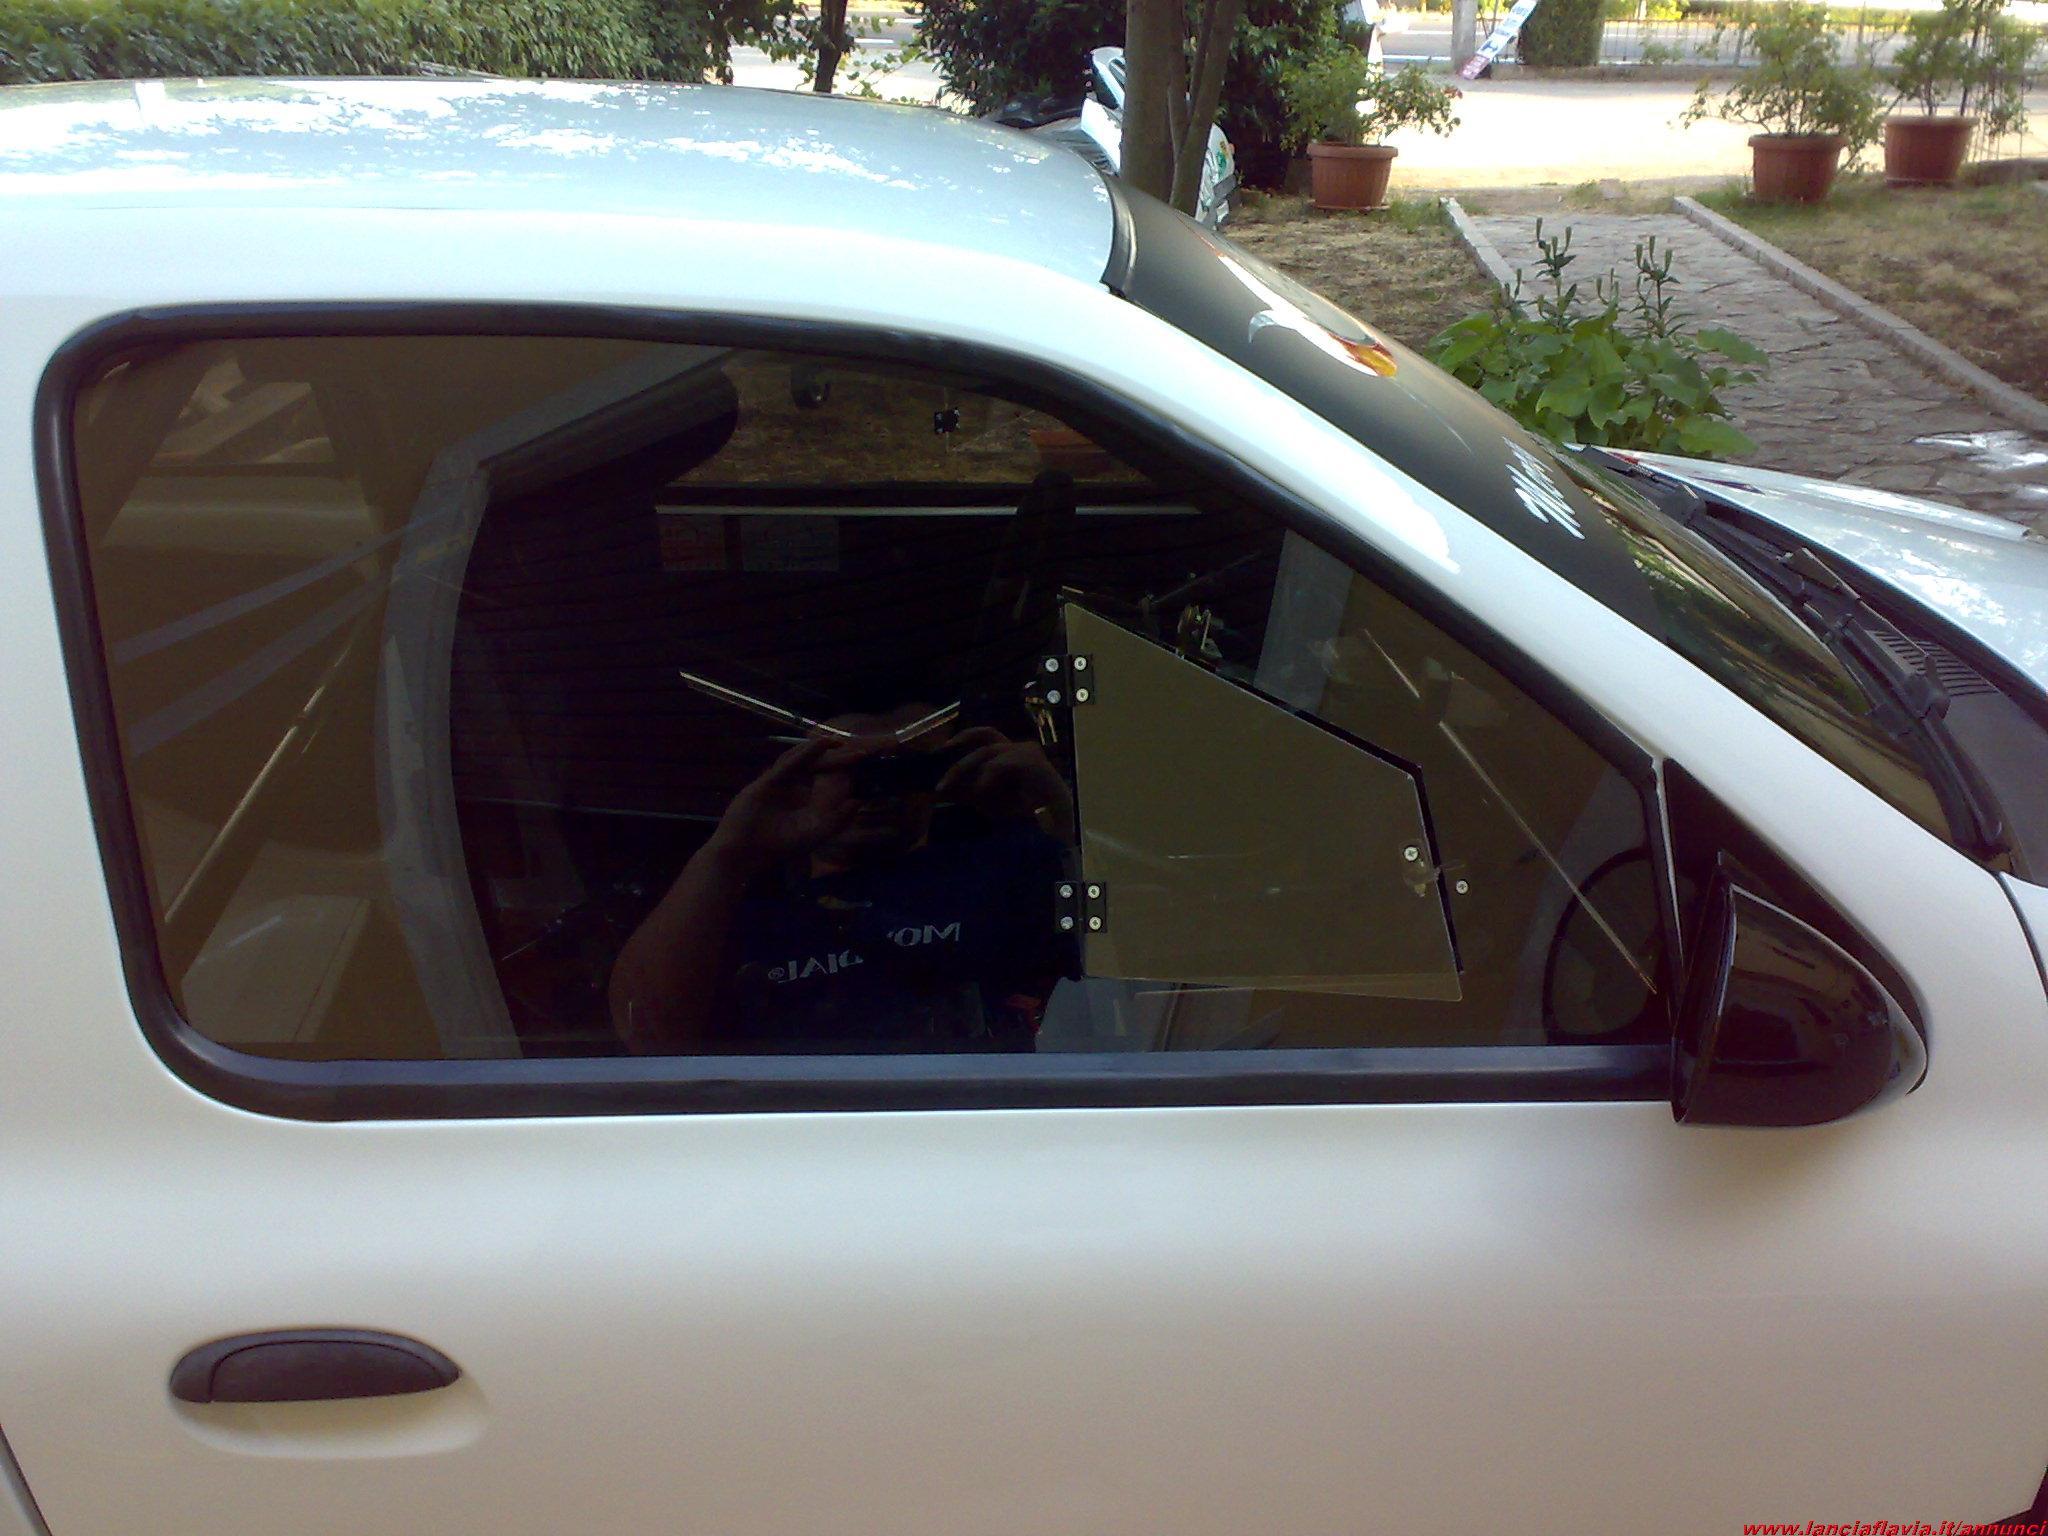 Finestrini plexiglass terminali antivento per stufe a pellet - Oscurare vetri casa ...